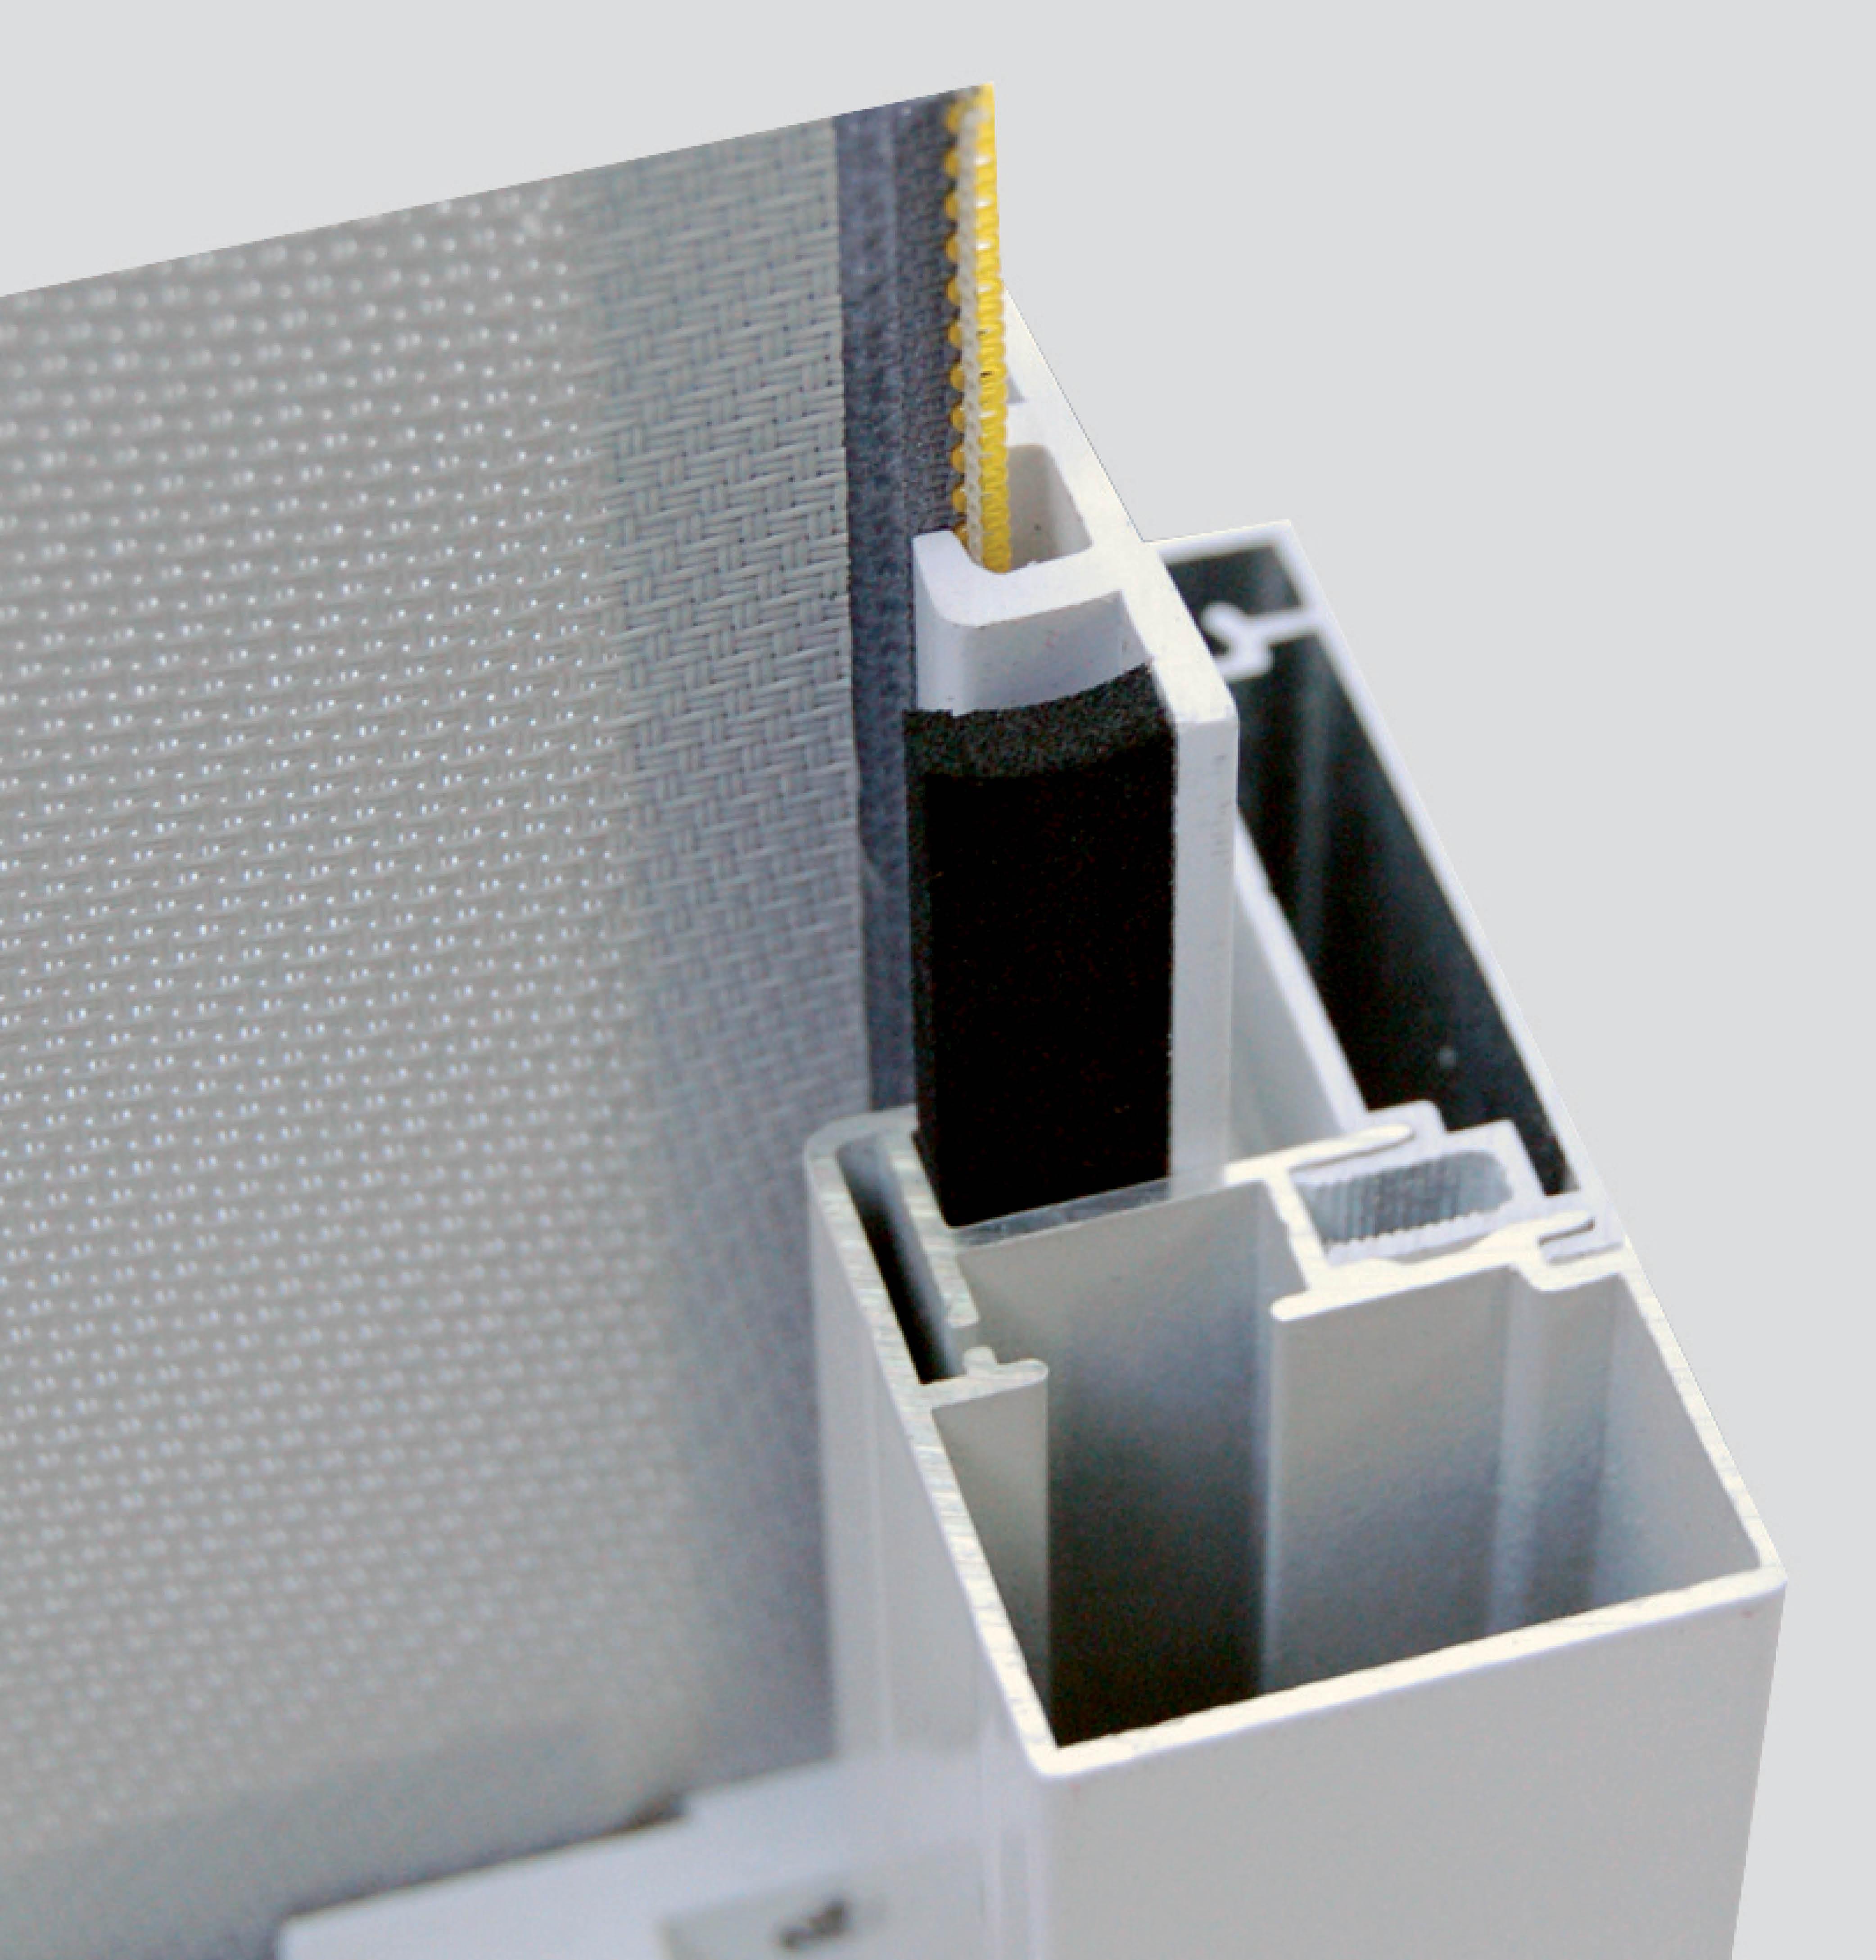 De DucoScreen Front 150 is ook beschikbaar in een stormvaste (FIX) uitvoering